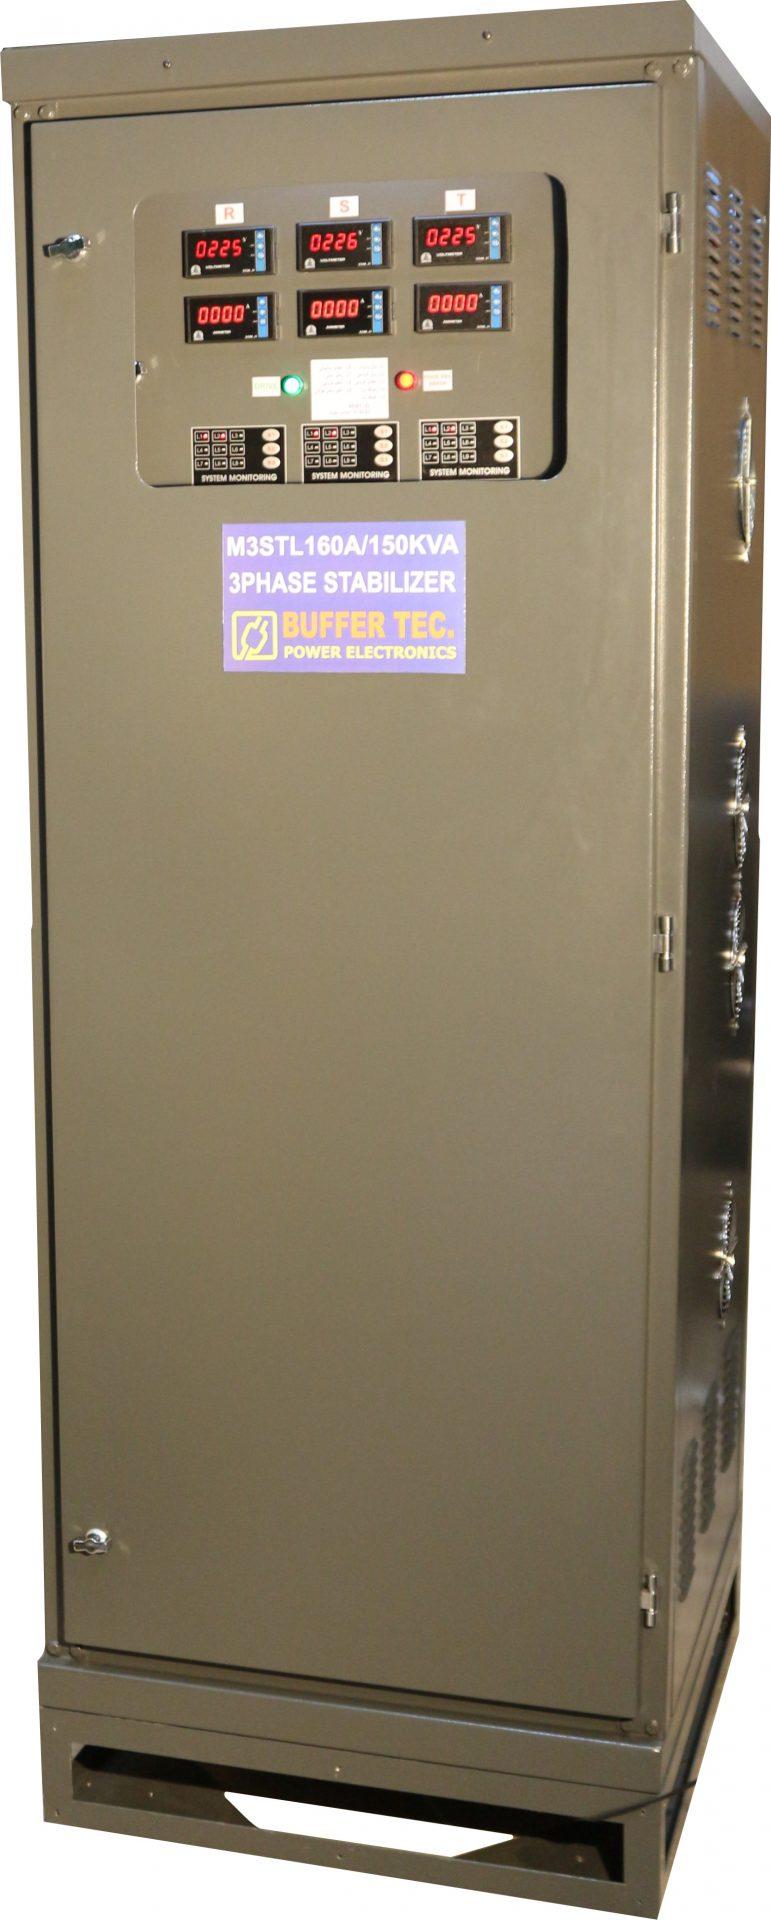 M3STL160A-96